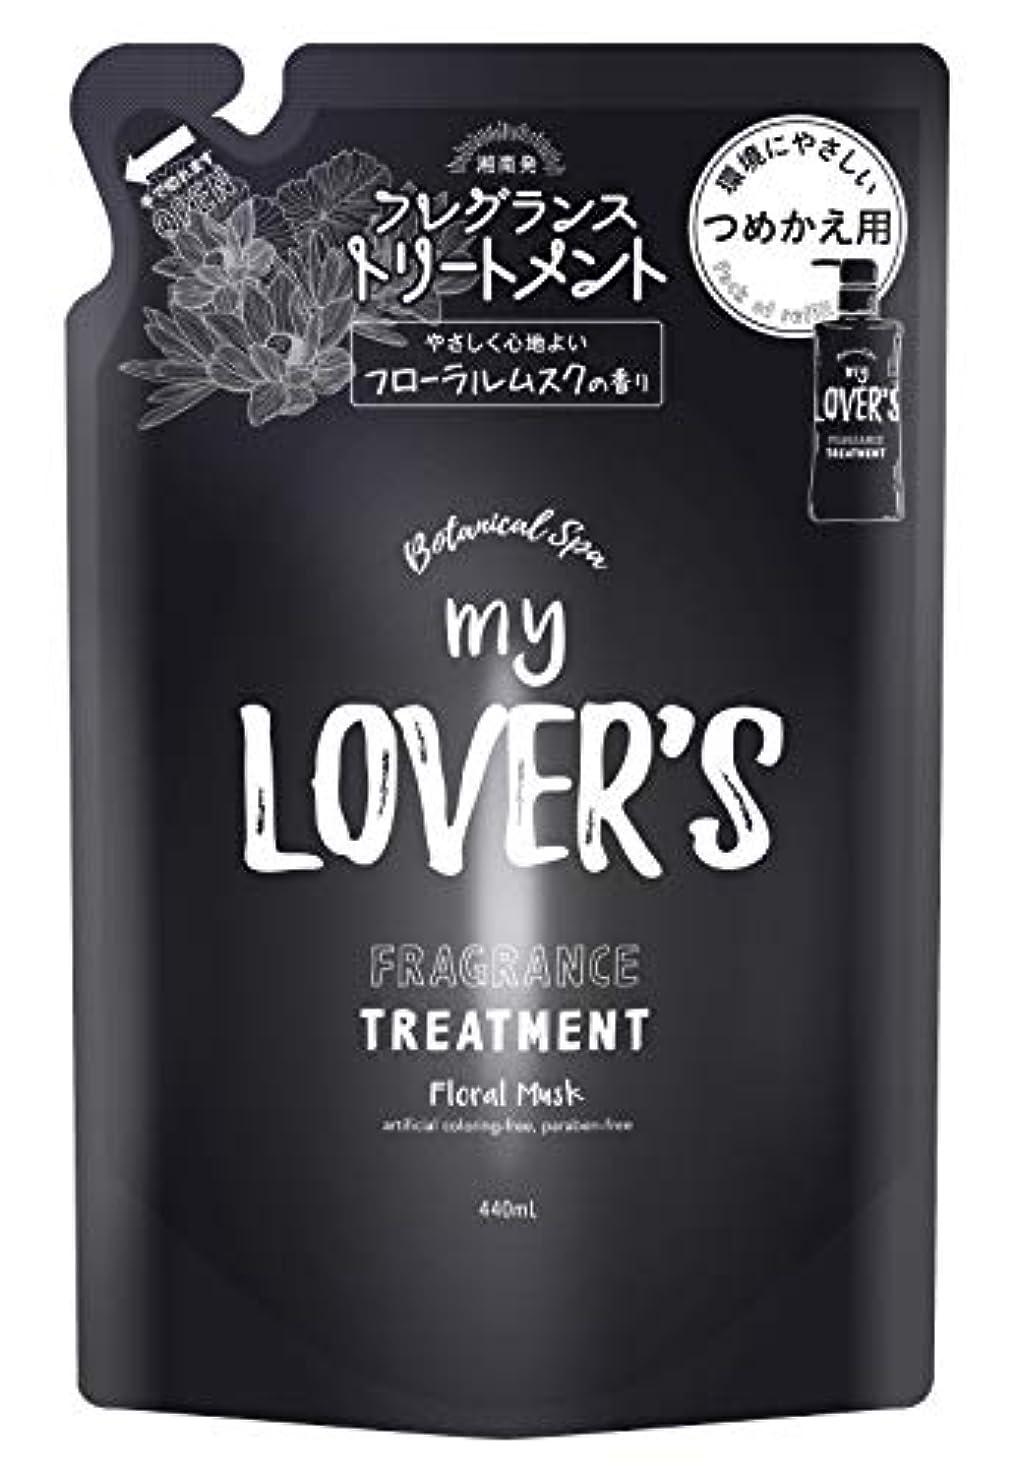 奨励しますシャッフルパック湘南スタイル my LOVER'S フレグランストリートメント フローラルムスクの香り つめかえ用 440mL 4573412160205